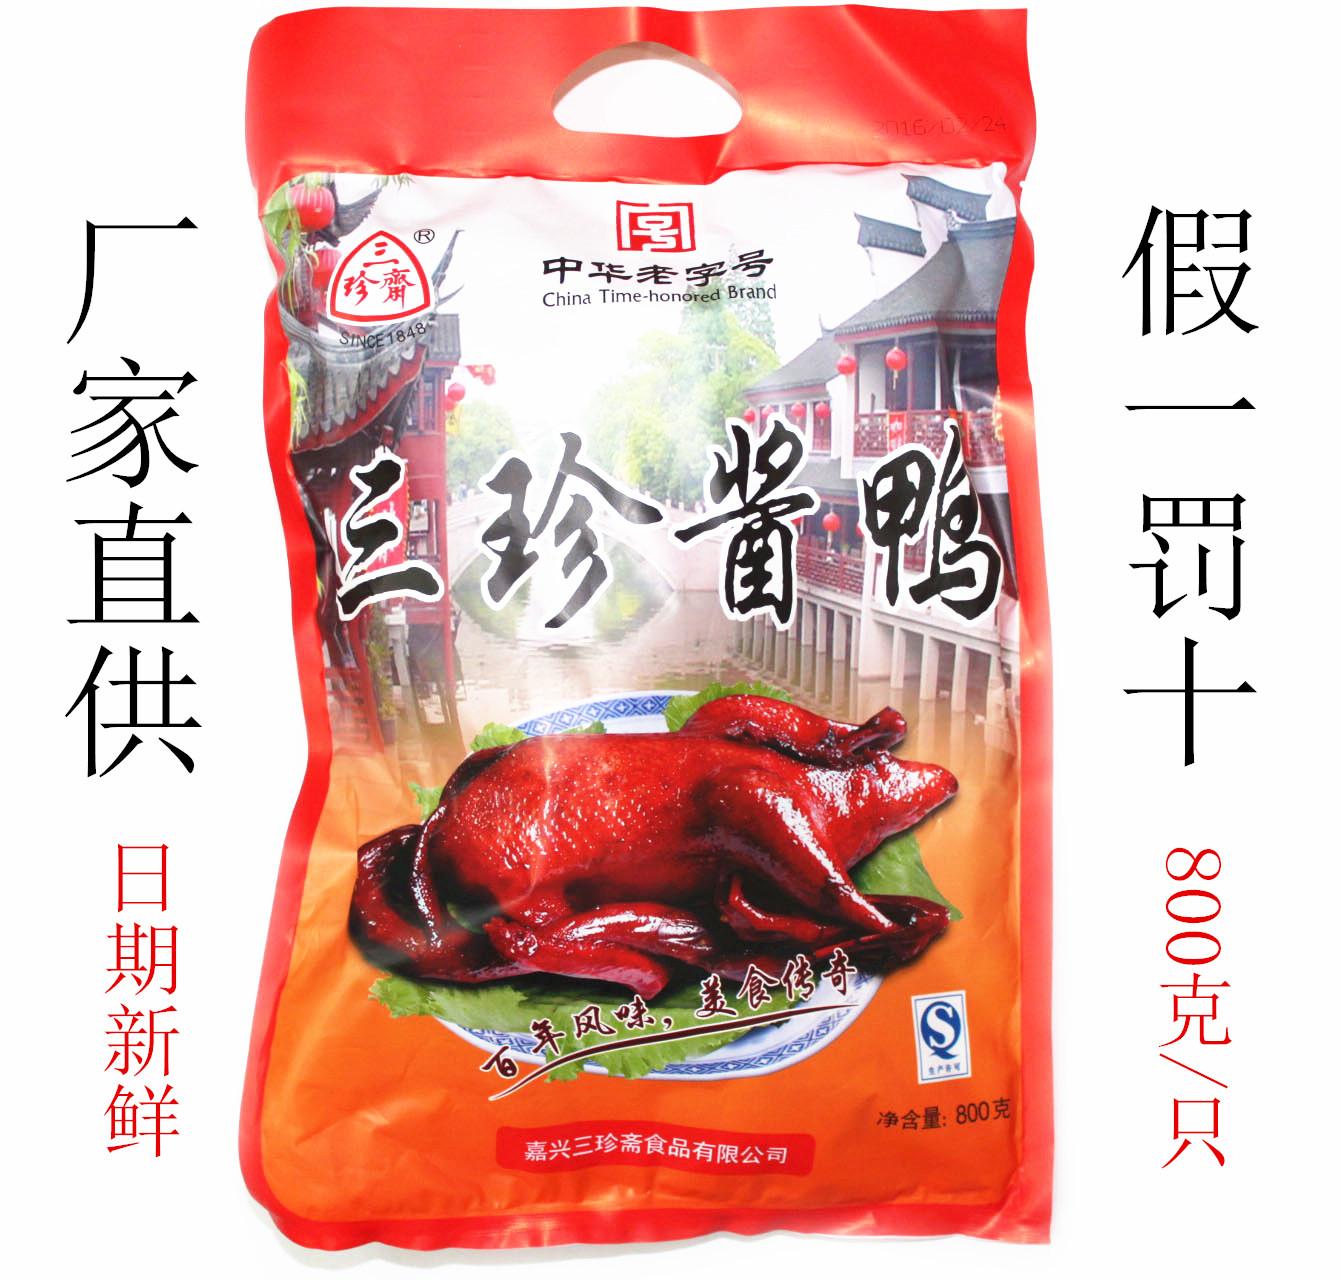 浙江嘉兴乌镇特产老字号三珍斋800g酱鸭卤味真空包装熟食1袋包邮